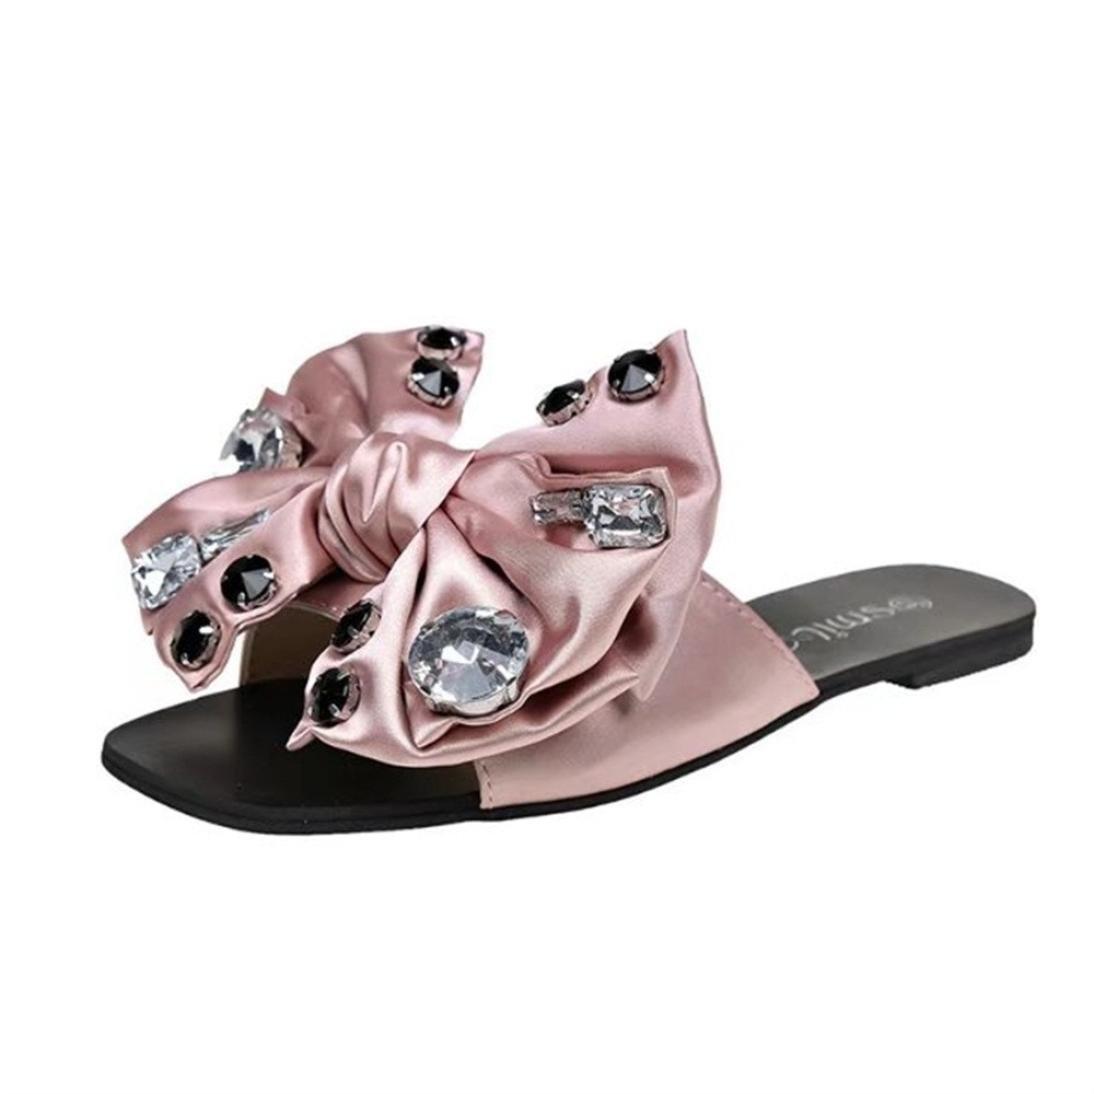 ?? Sandales Femme,LHWY Été Chaussures Rose Sandales Les Plage Femmes ?? à la Mode Noeud Papillon Sandales à Talons Plats Anti Dérapage Chaussures de Plage Pantoufles Rose d338fa9 - conorscully.space